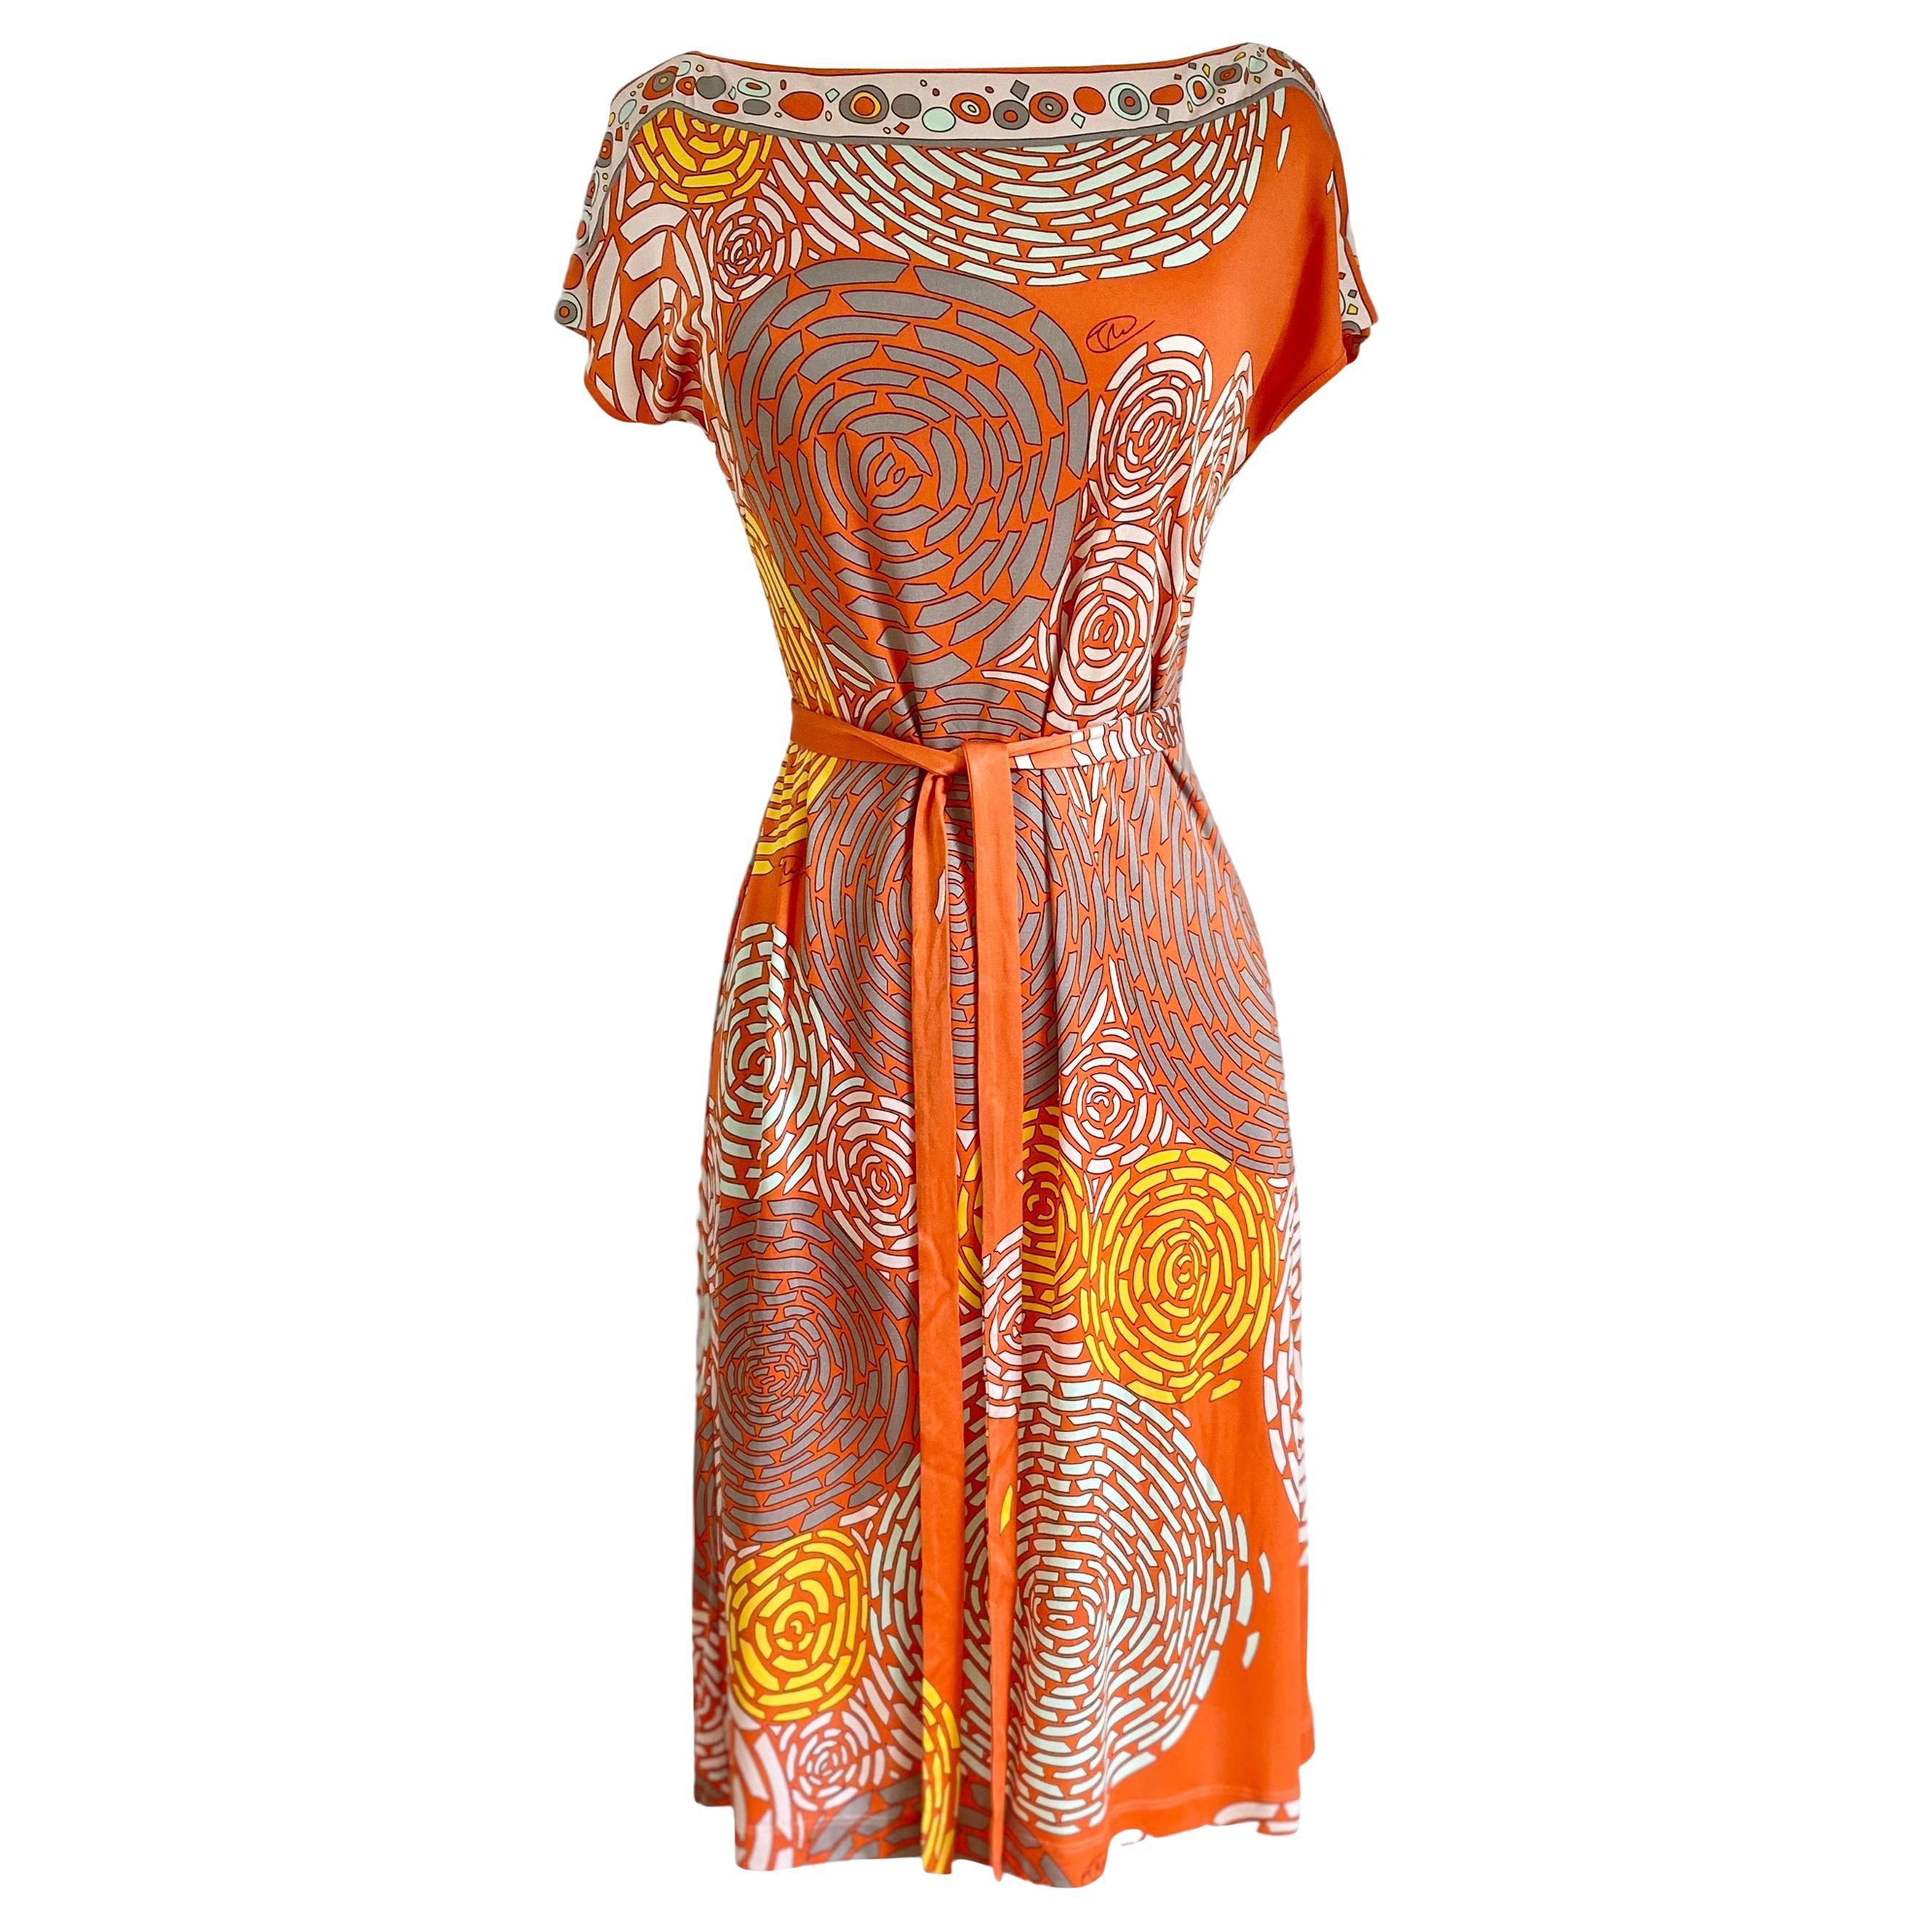 Coral mixed print silk jersey shift NINA dress